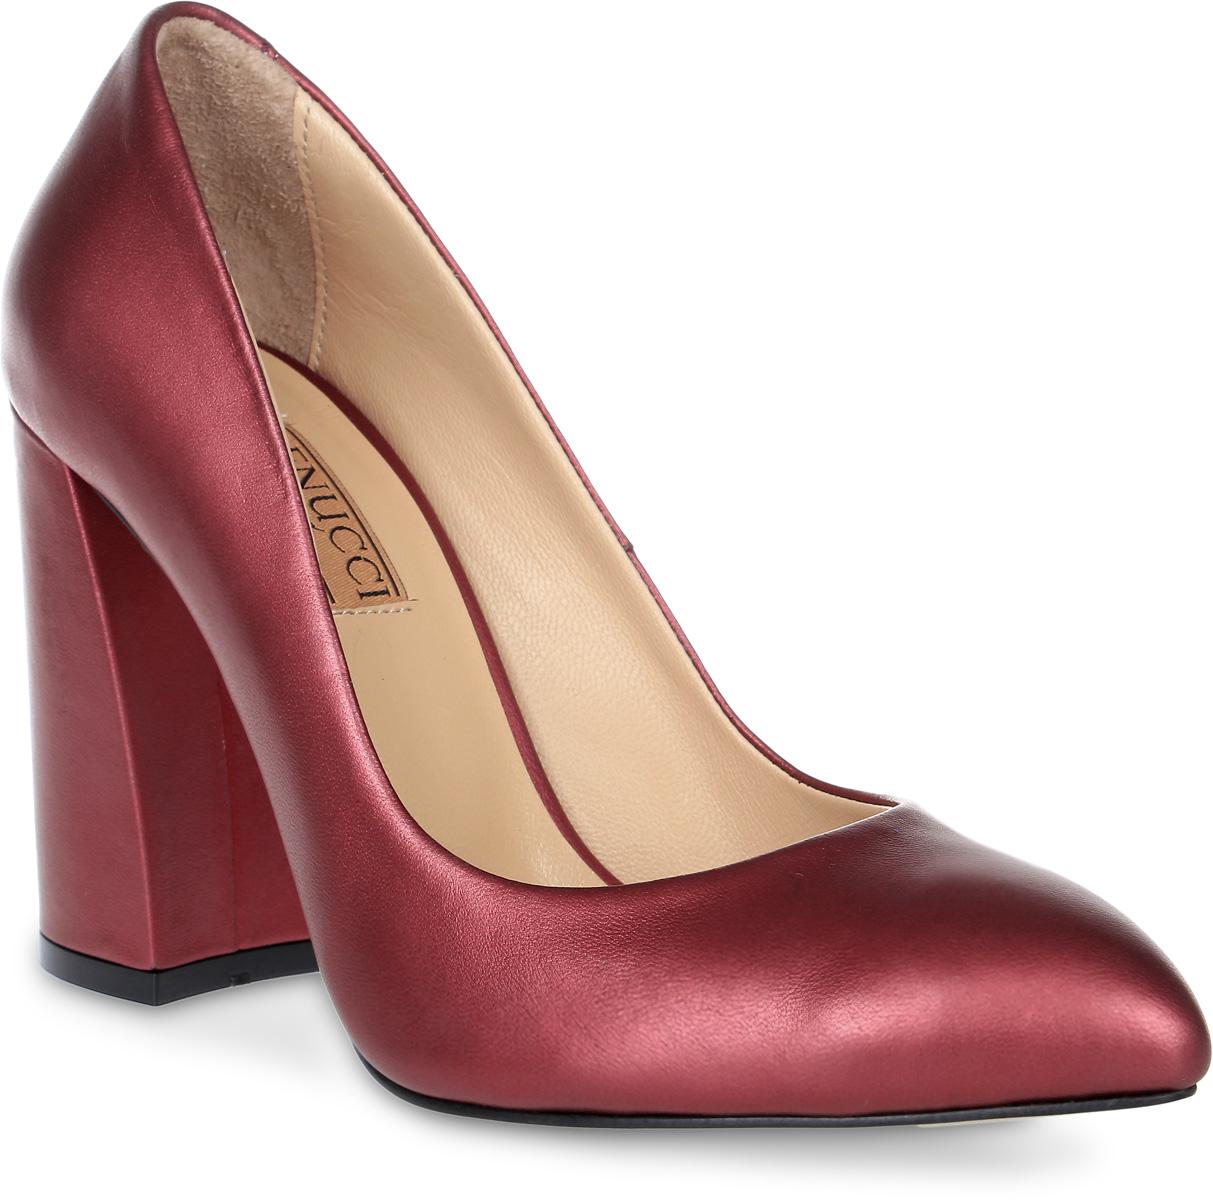 Туфли женские Benucci, цвет: марсала. 1202. Размер 401202Женские туфли от Benucci на устойчивом каблуке выполнены из натуральной кожи. Подкладка, изготовленная из натуральной кожи, обладает хорошей влаговпитываемостью и естественной воздухопроницаемостью. Стелька из натуральной кожи гарантирует комфорт и удобство стопам. Подошва из резины обеспечивает хорошую амортизацию и сцепление с любой поверхностью.